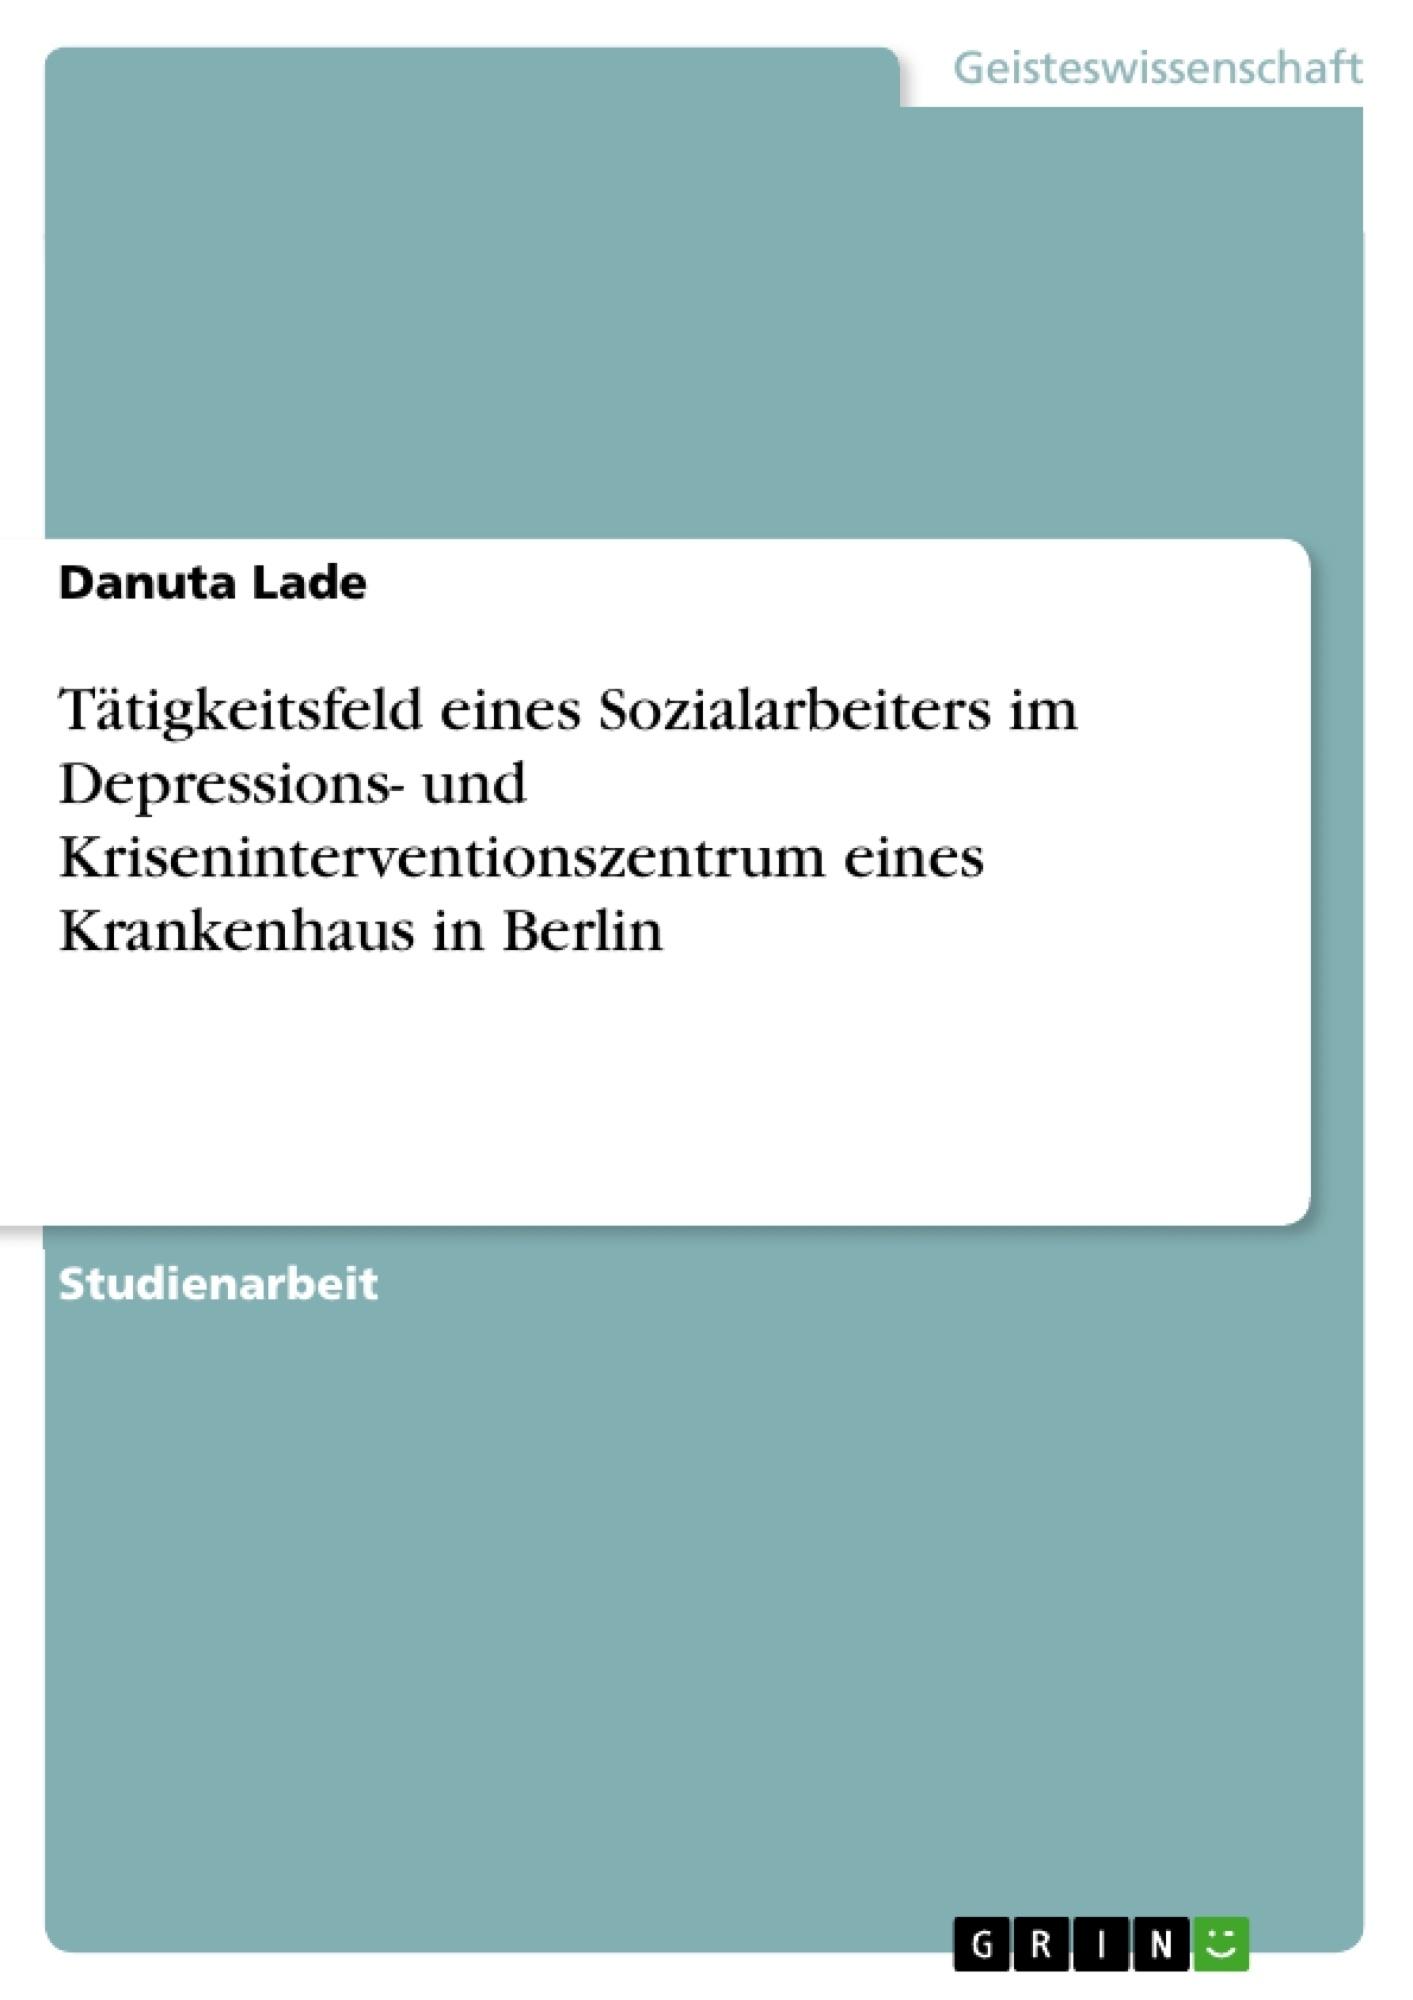 Titel: Tätigkeitsfeld eines Sozialarbeiters im Depressions- und Kriseninterventionszentrum eines Krankenhaus in Berlin